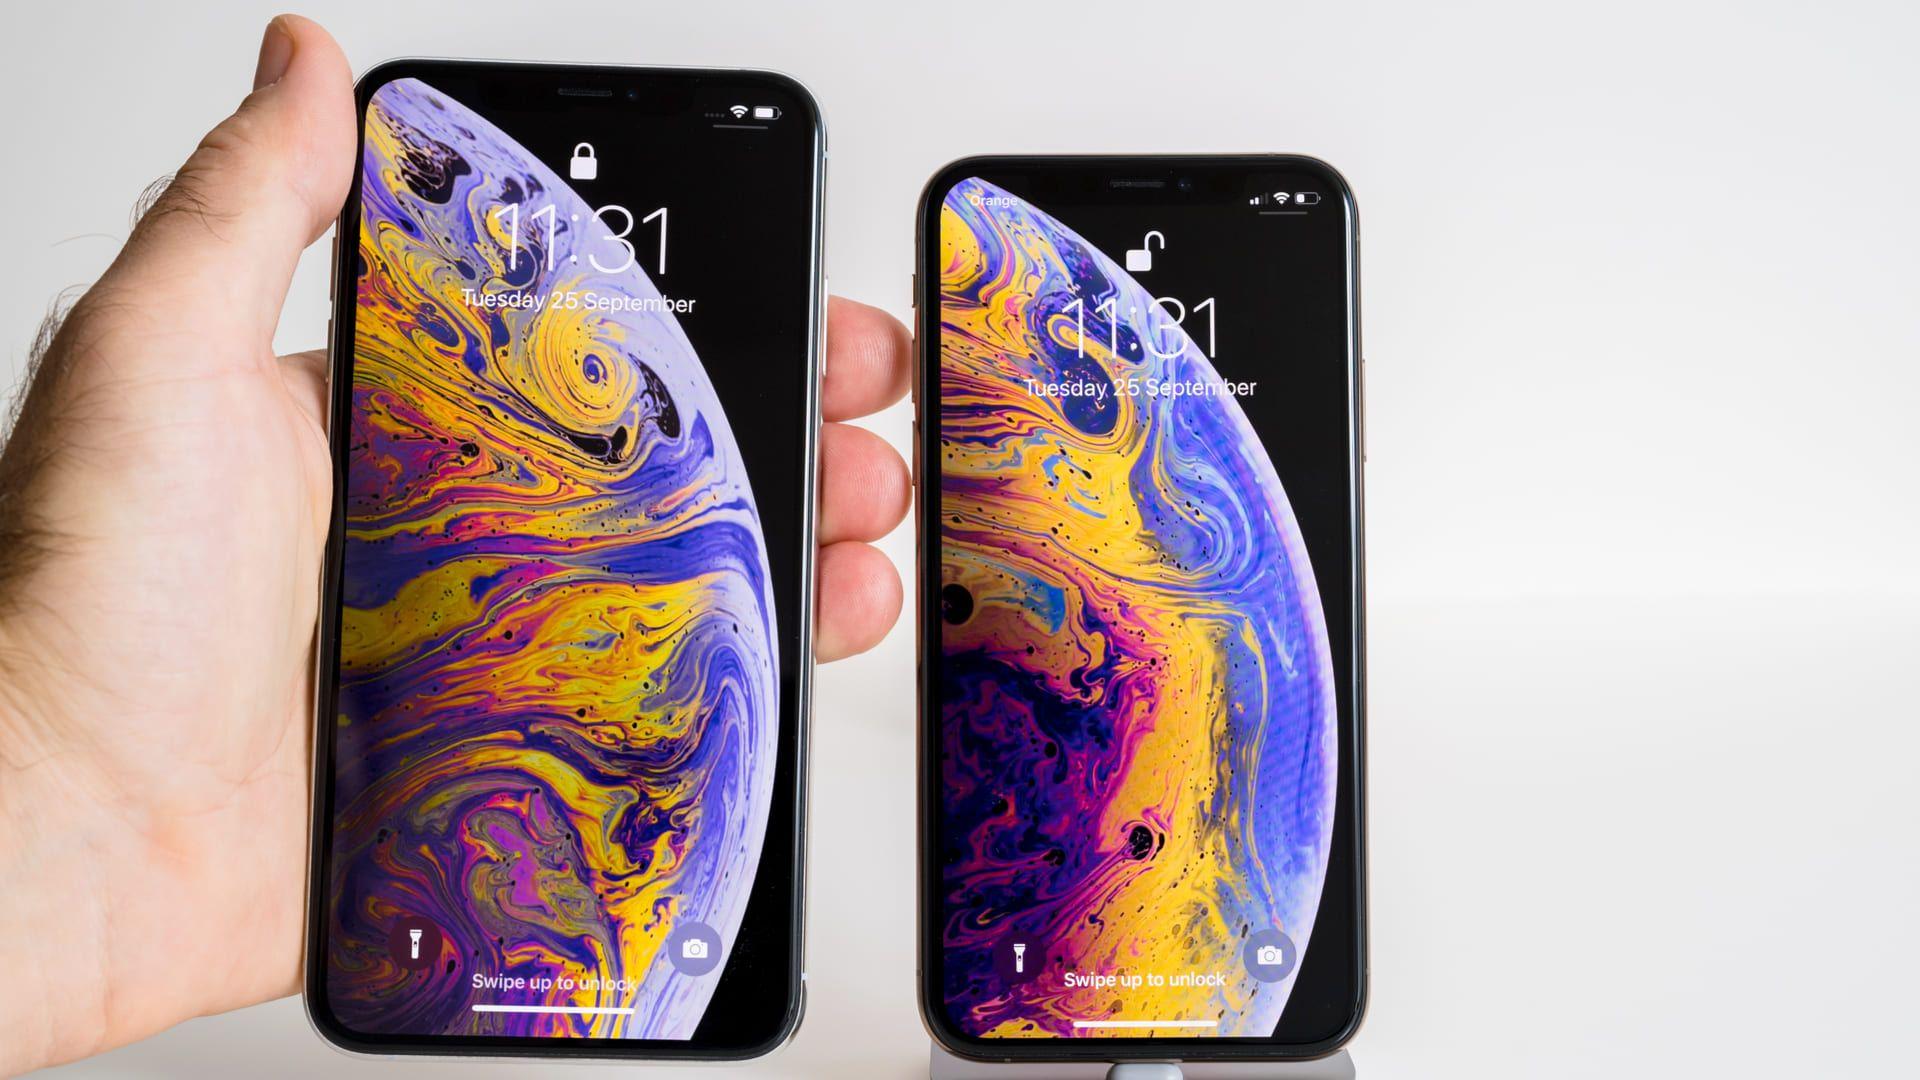 Preços do iPhone XS Max e do iPhone XS ainda são altos (Foto: Shutterstock)